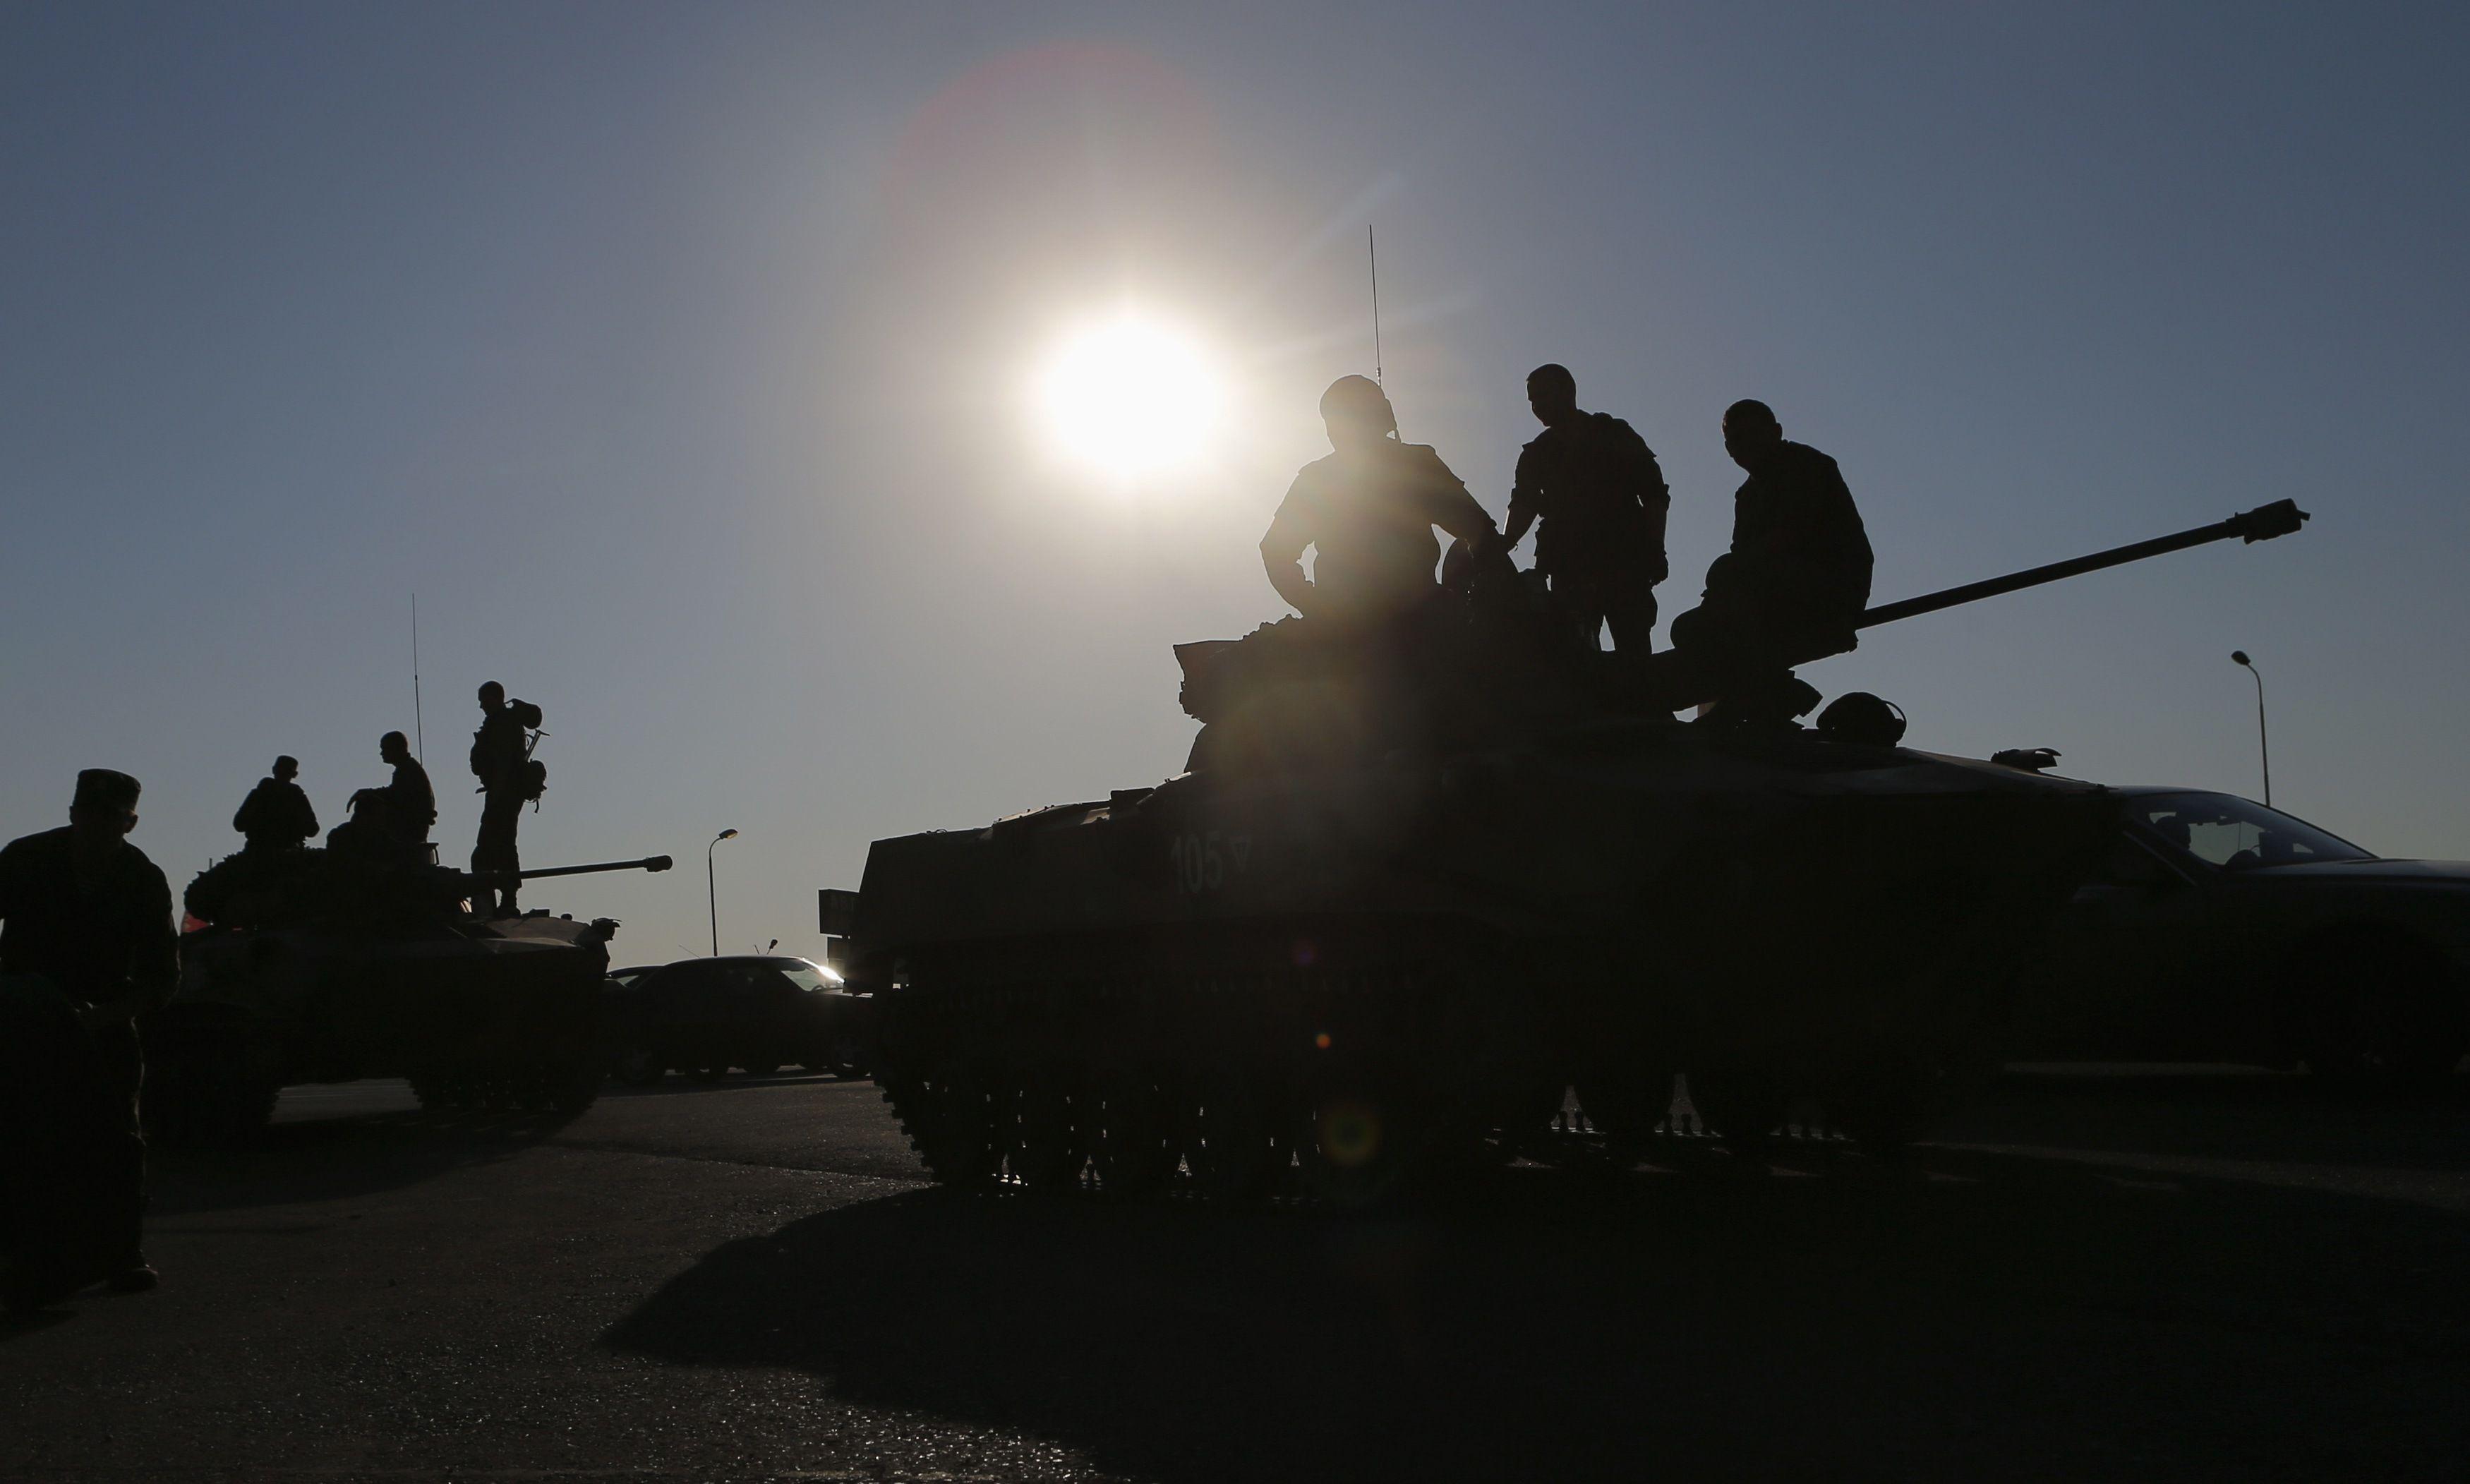 Политолог сообщила, что России невыгодна масштабная война с Украиной, поскольку из-за нее РФ грозит полная изоляция